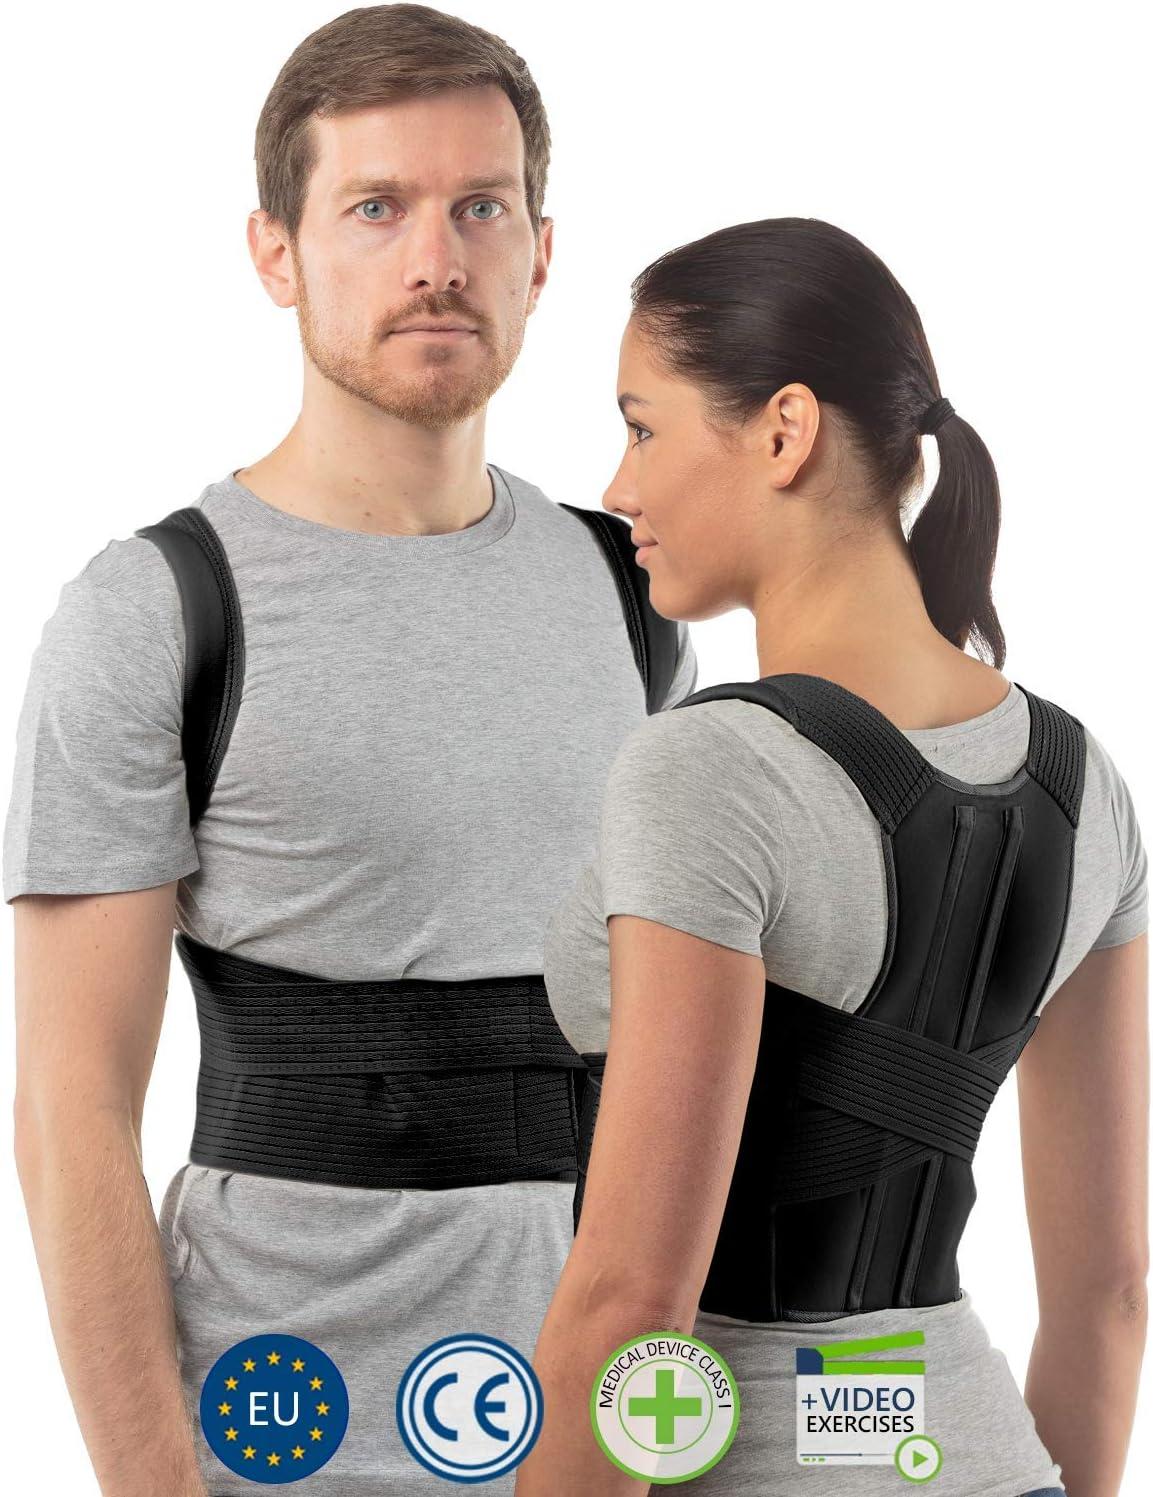 aHeal Corrector de Postura de Espalda para Hombre y Mujer | Soporte de Espalda y Columna Lumbar Superior para Corrección de Postura | Alivio del Dolor y Rehabilitación de Lesiones | Talla 3 Negro